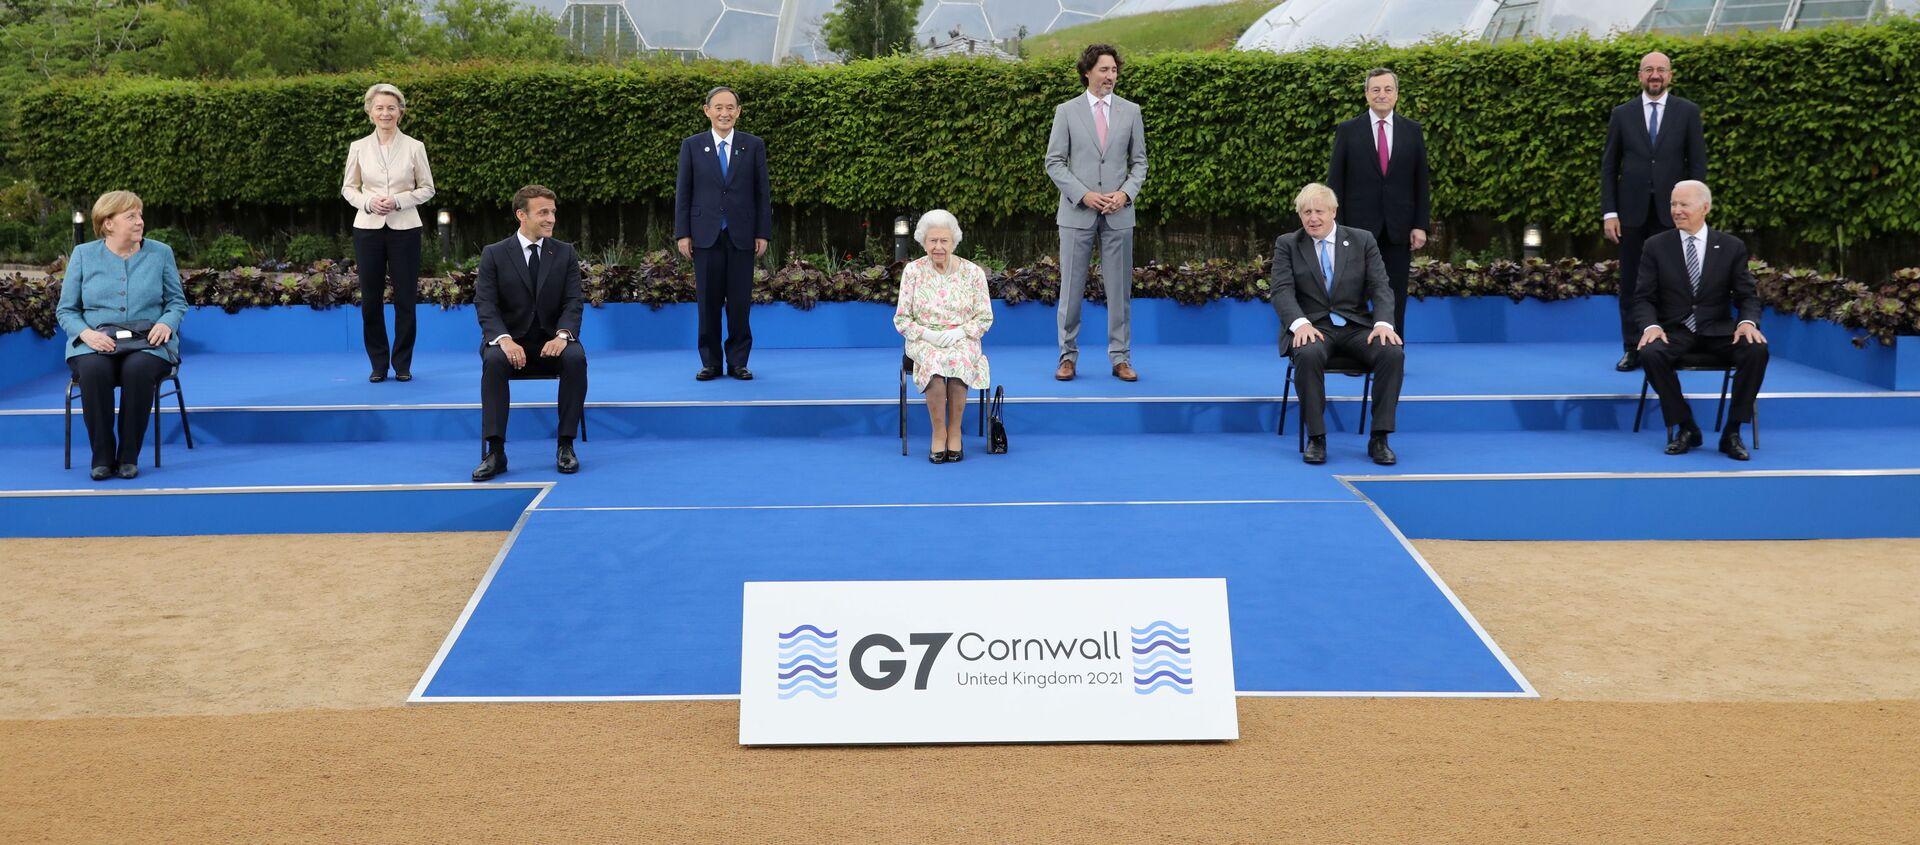 Лидеры стран-участниц саммита G7 во время группового фотографирования в Корнуолле - Sputnik 日本, 1920, 19.09.2021